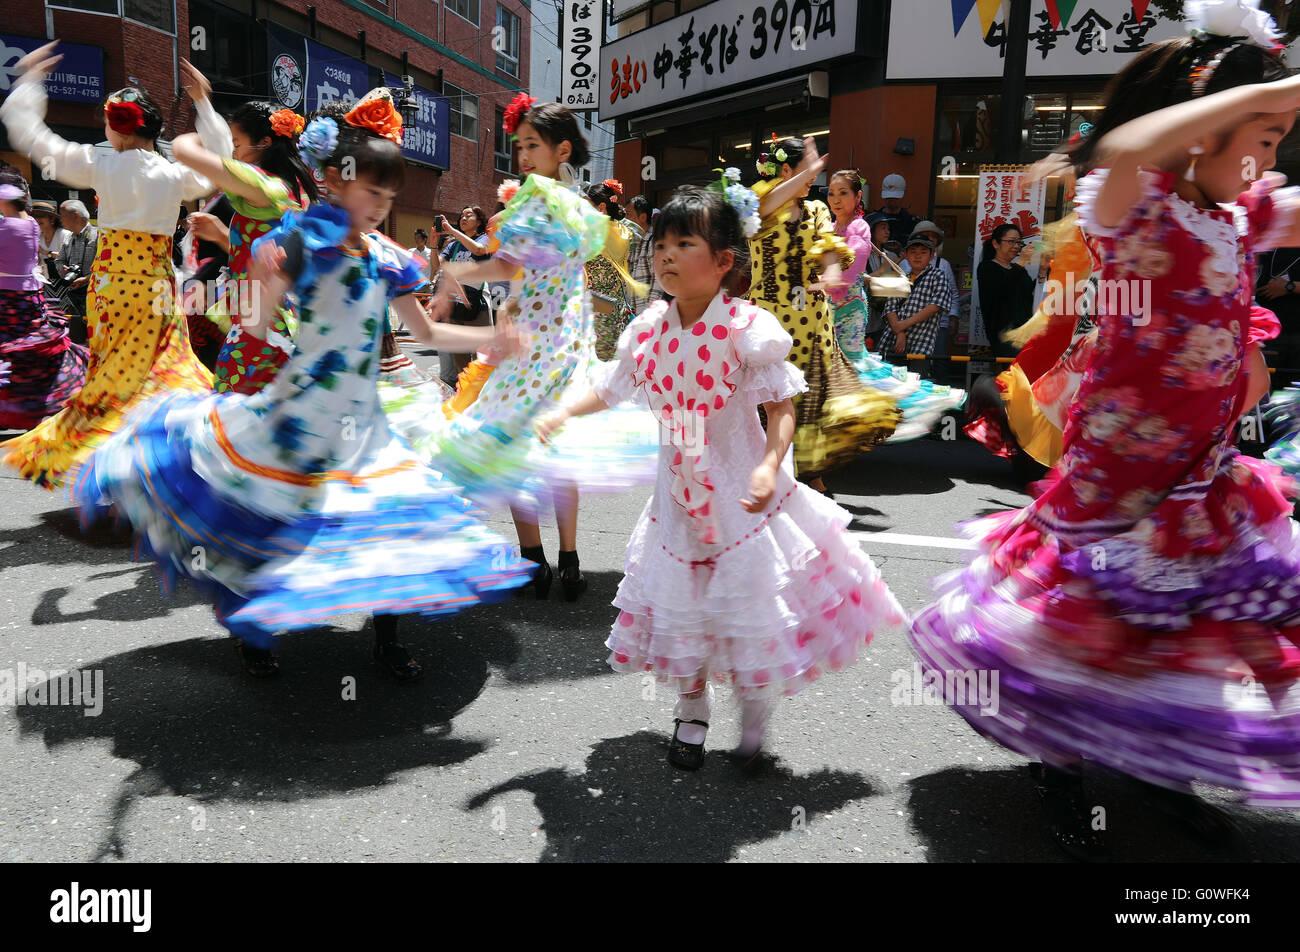 Tokio, Japan. 4. Mai 2016. Japans Flamenco Liebhaber in bunten Kleidern führen SevillAnnas tanzen auf einer Stockbild